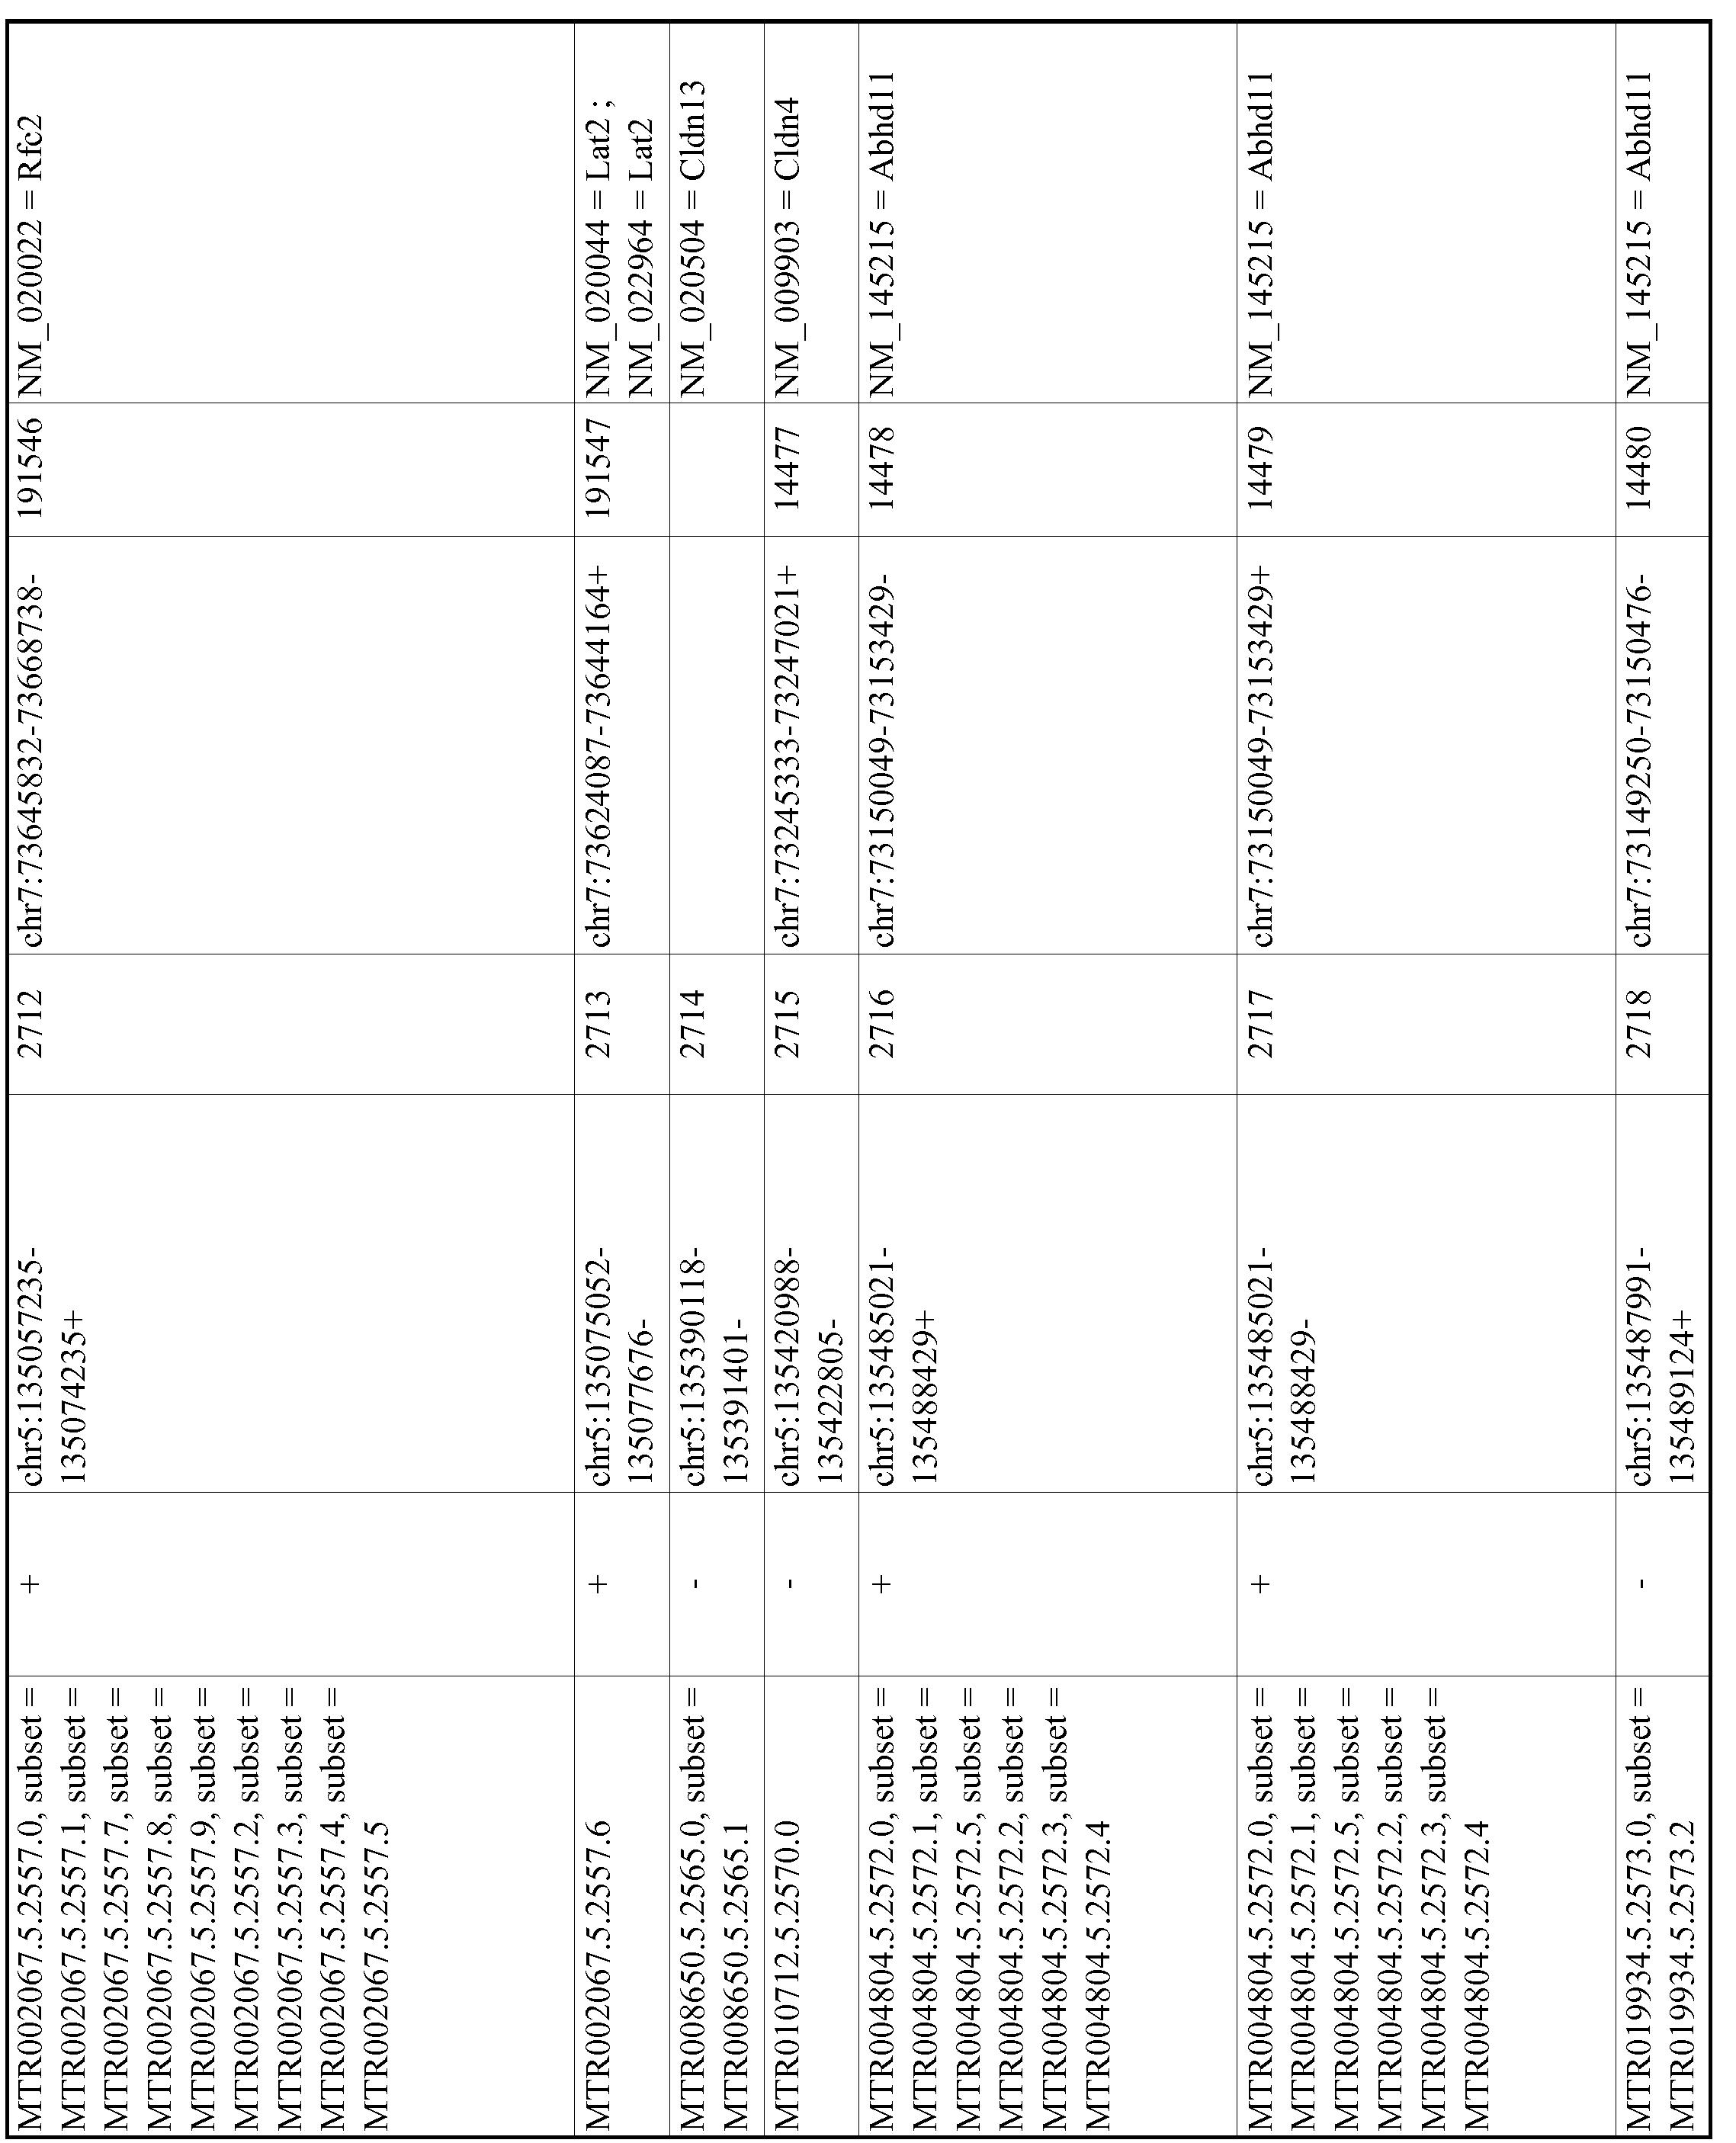 Figure imgf000564_0001